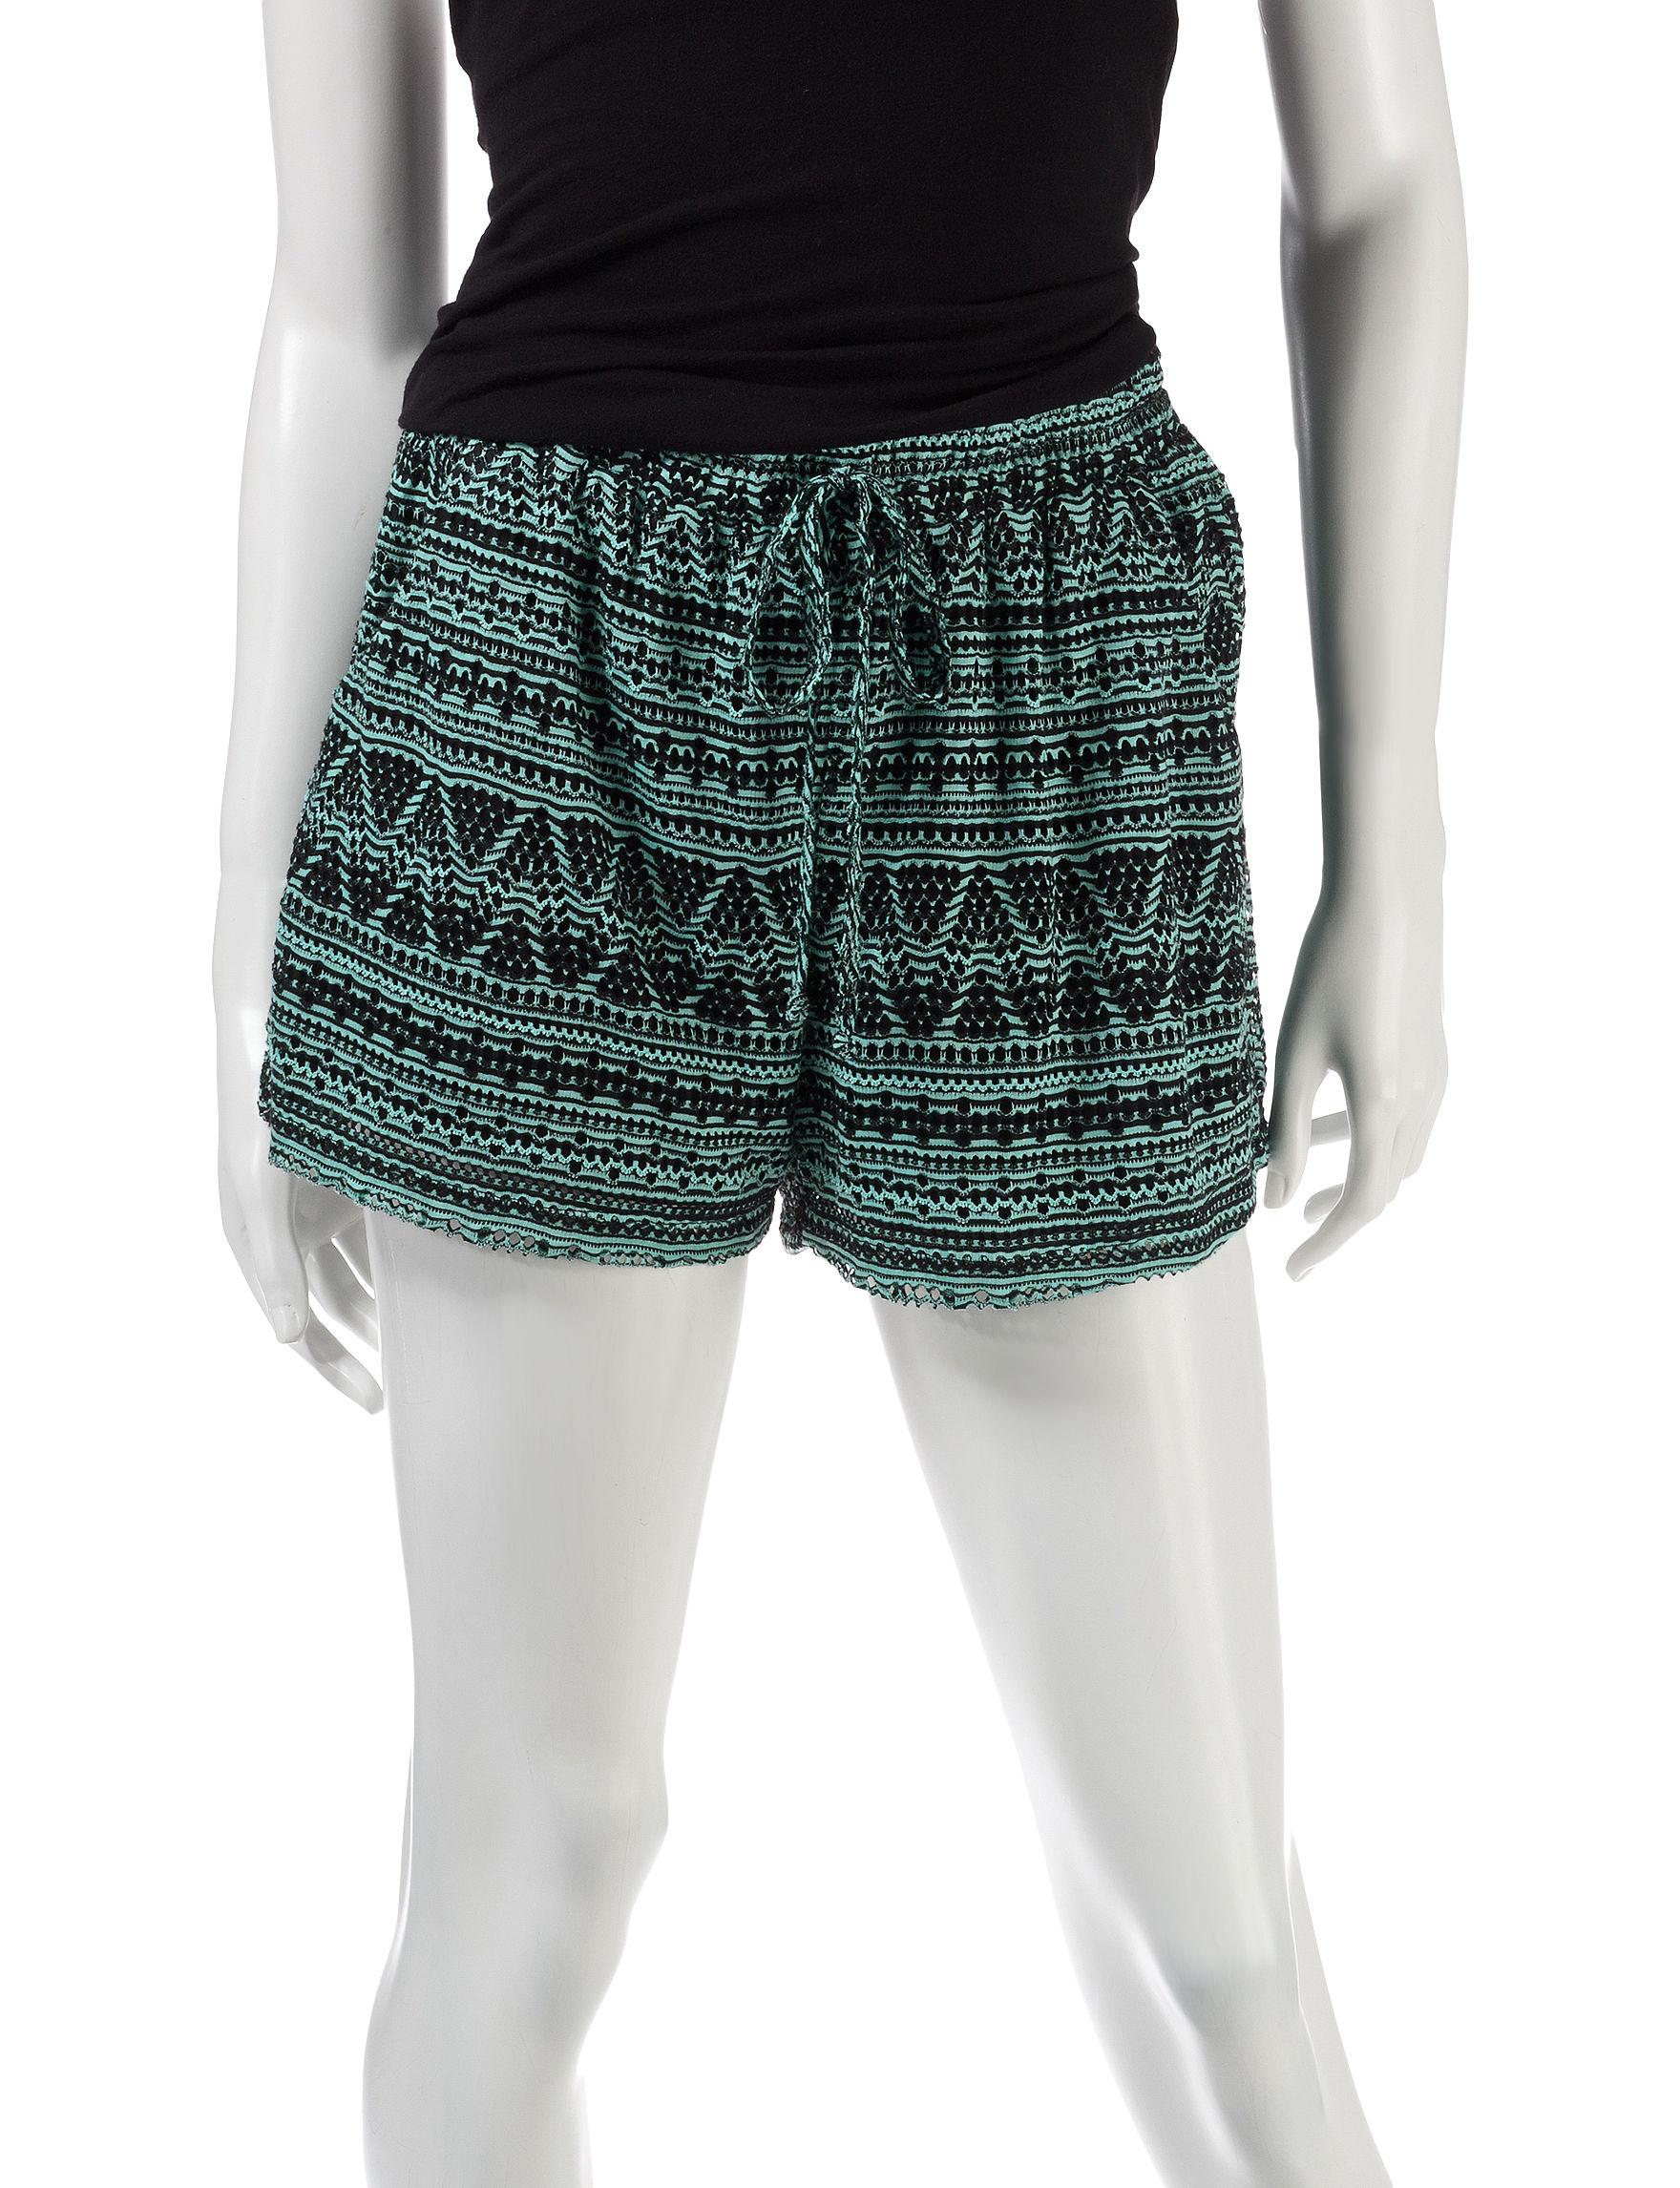 BeBop Black / Green Soft Shorts